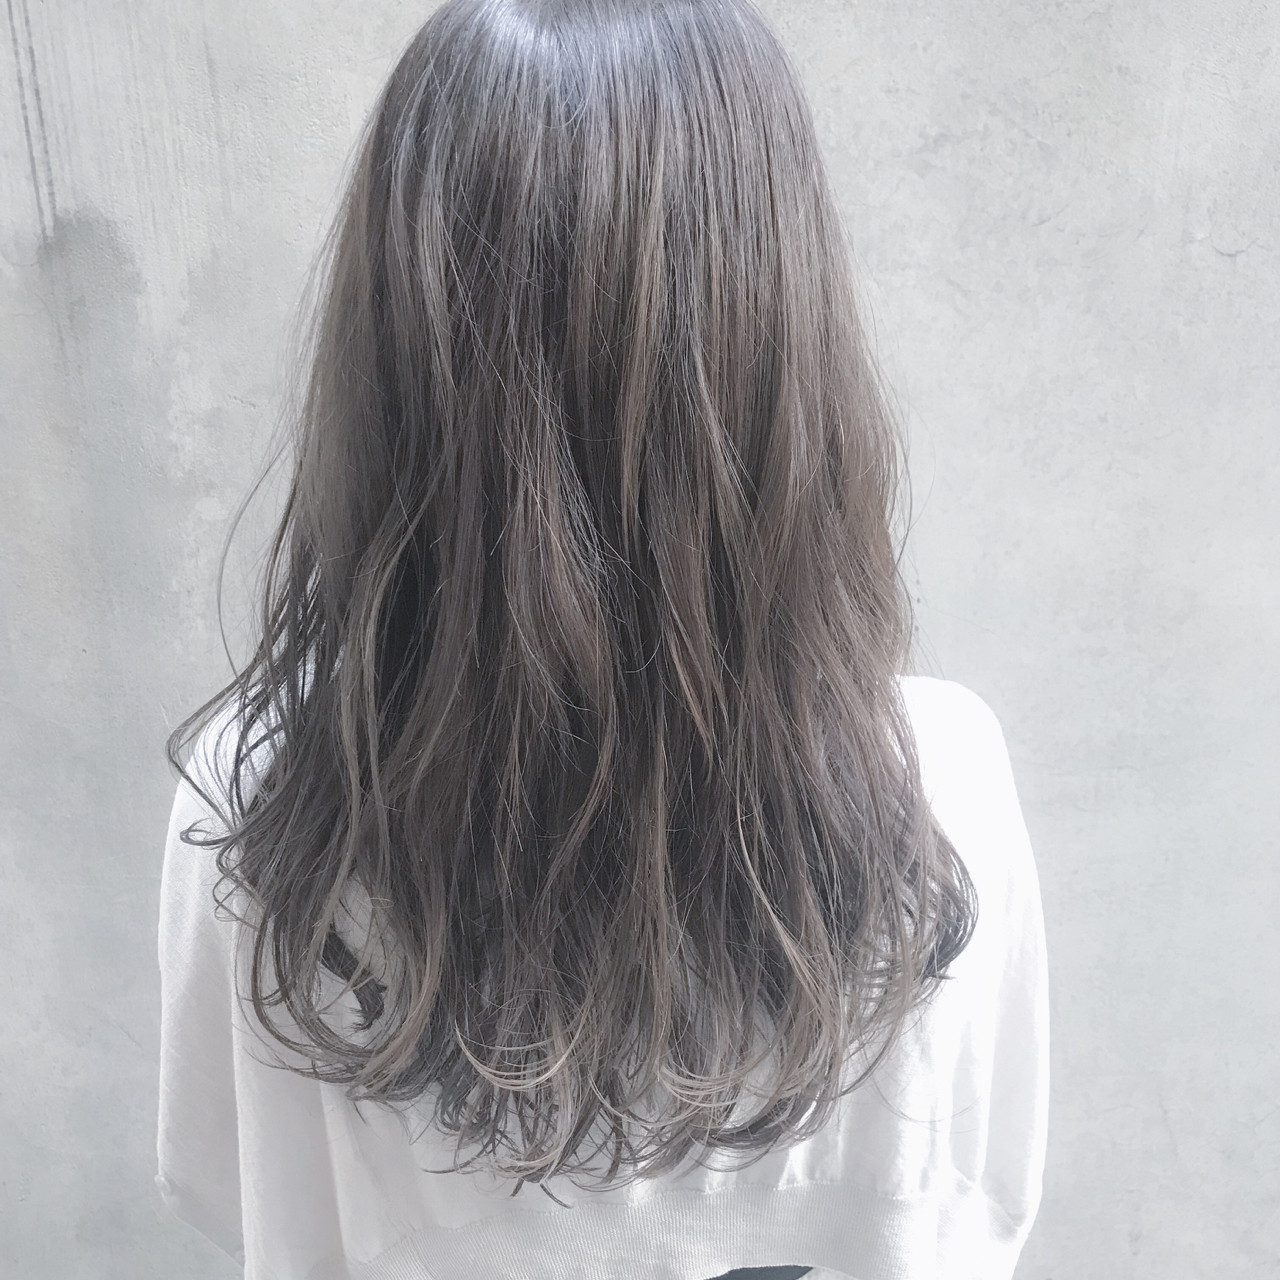 ロング イルミナカラー デート 透明感 ヘアスタイルや髪型の写真・画像